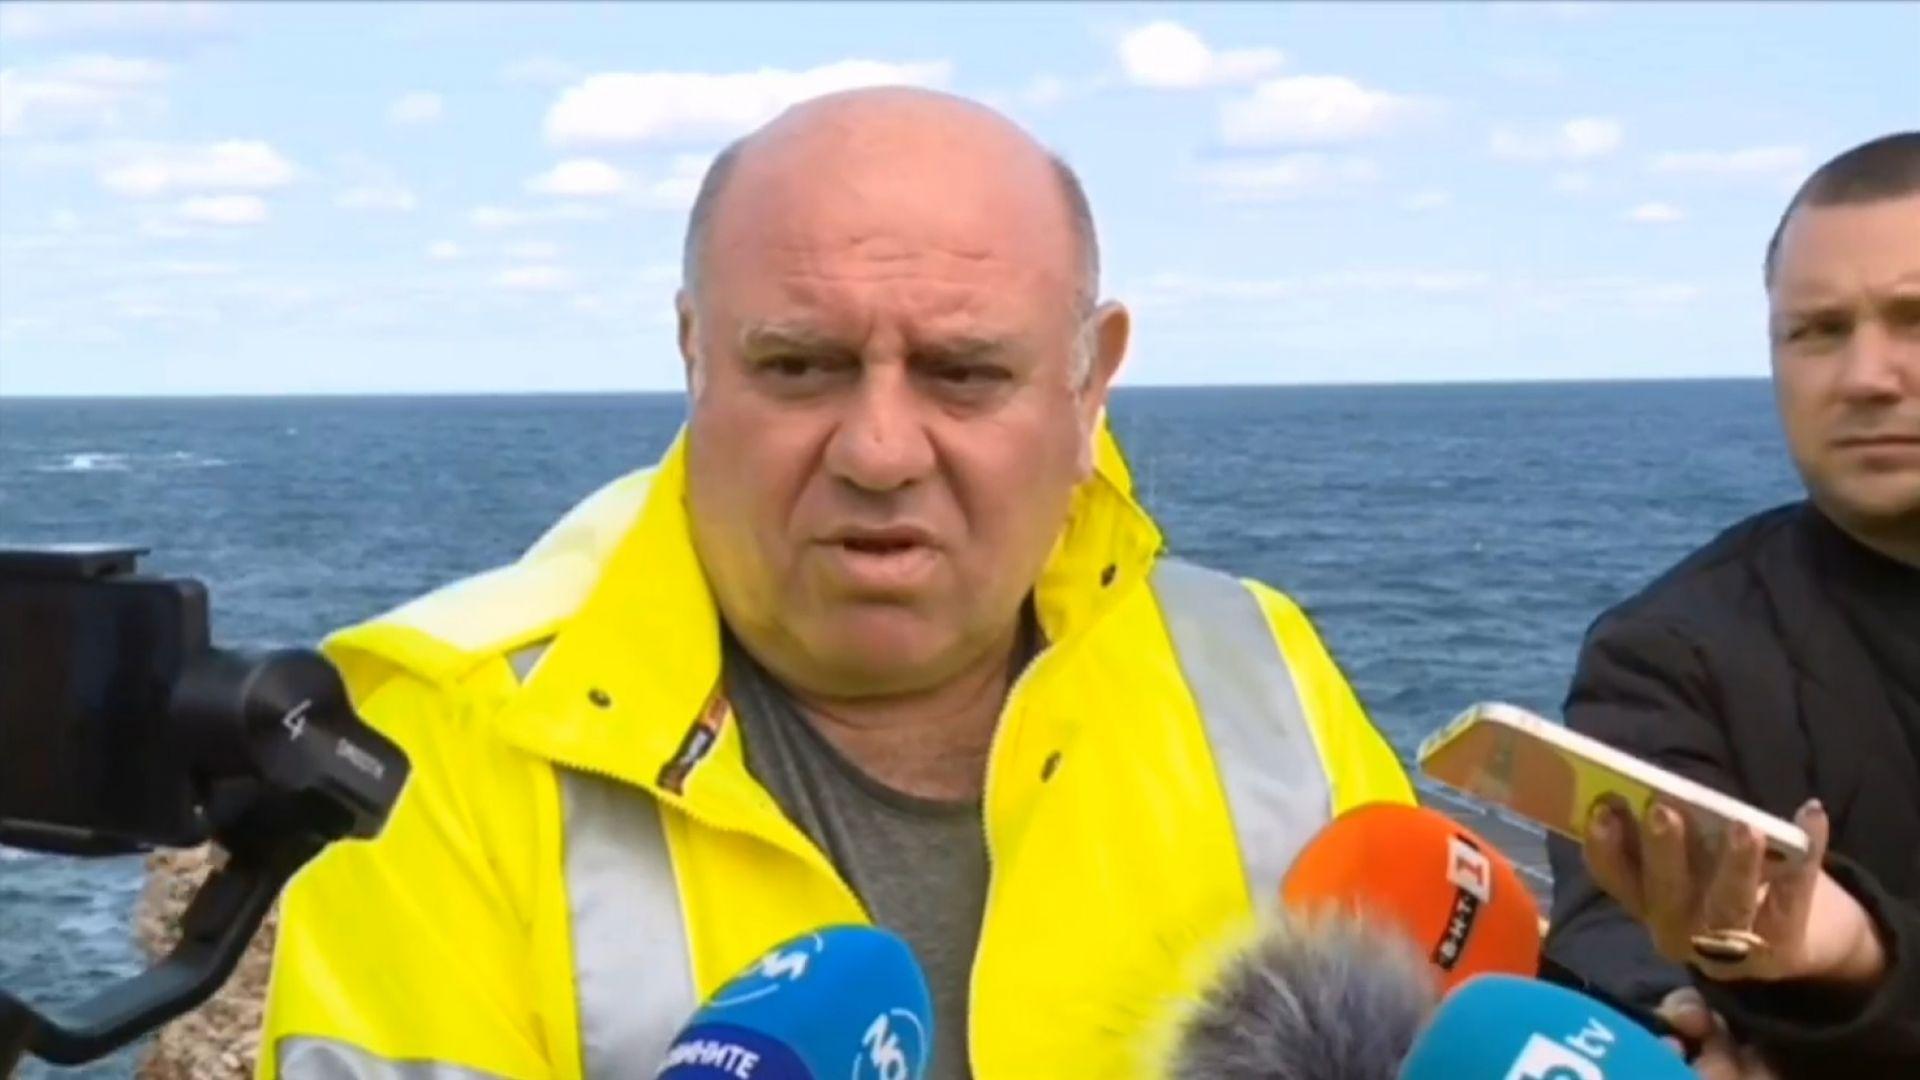 Кап. Живко Петров за кораба: Аз не знаех, че ще изтече тор, трябва да търсим друг кран